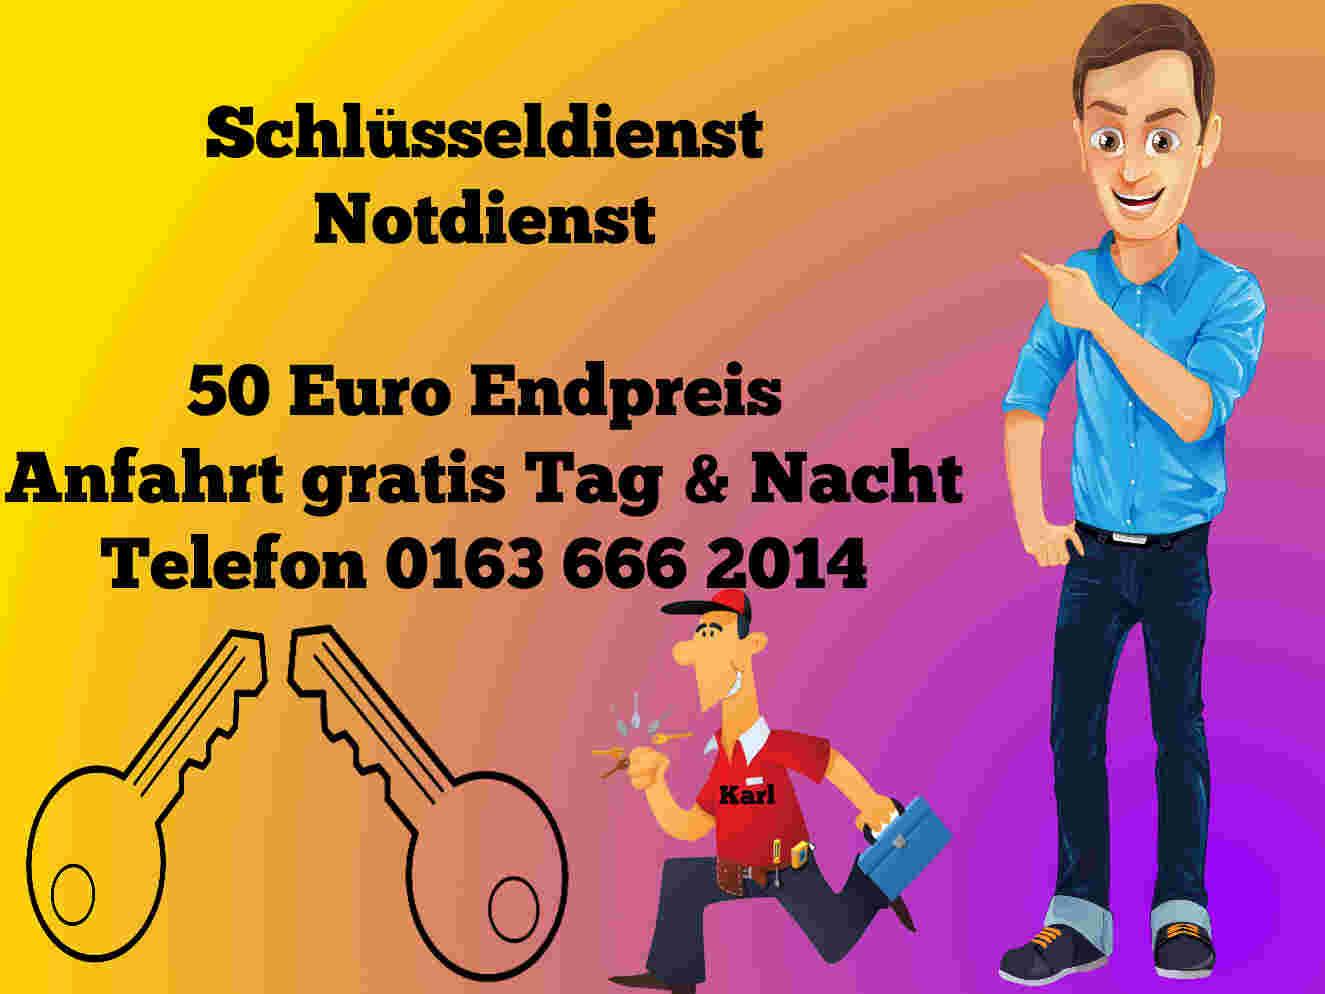 Schlüsseldienst Notdienst Eschweiler - Schlüsselnotdienst Eschweiler Preis - Preise